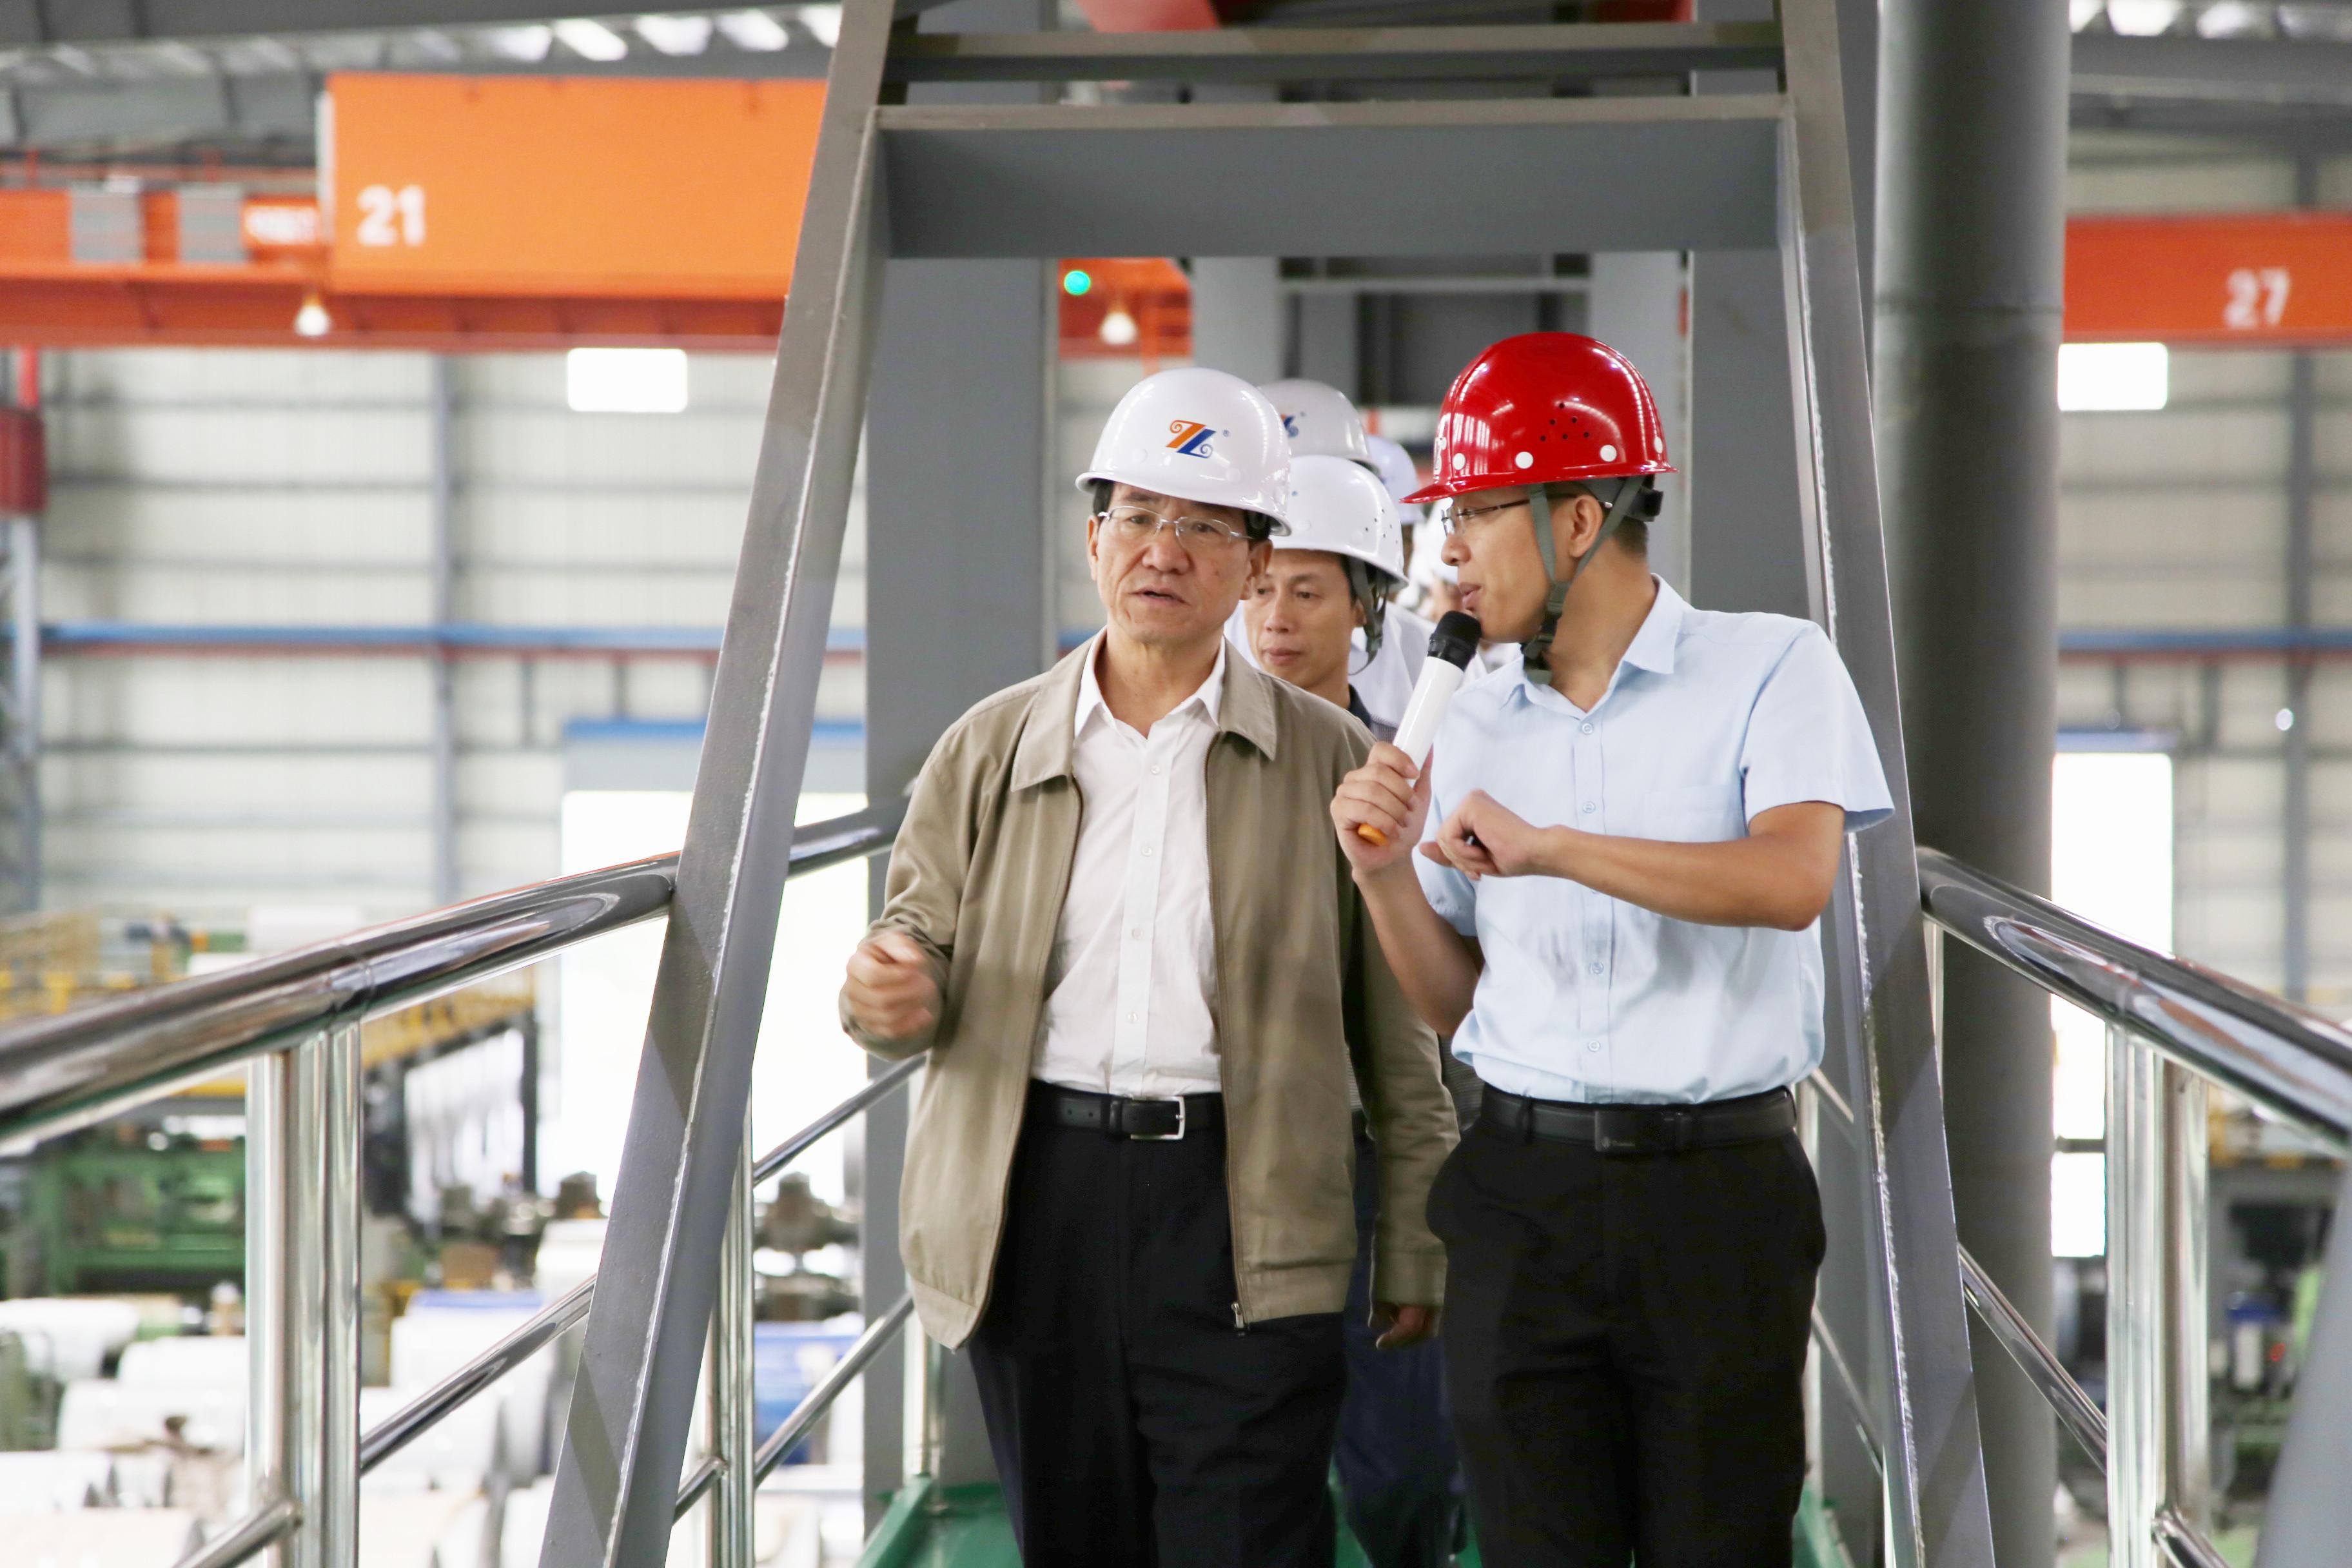 内蒙古自治区政协副主席常军政一行莅临福建竞博电竞怎么样调研